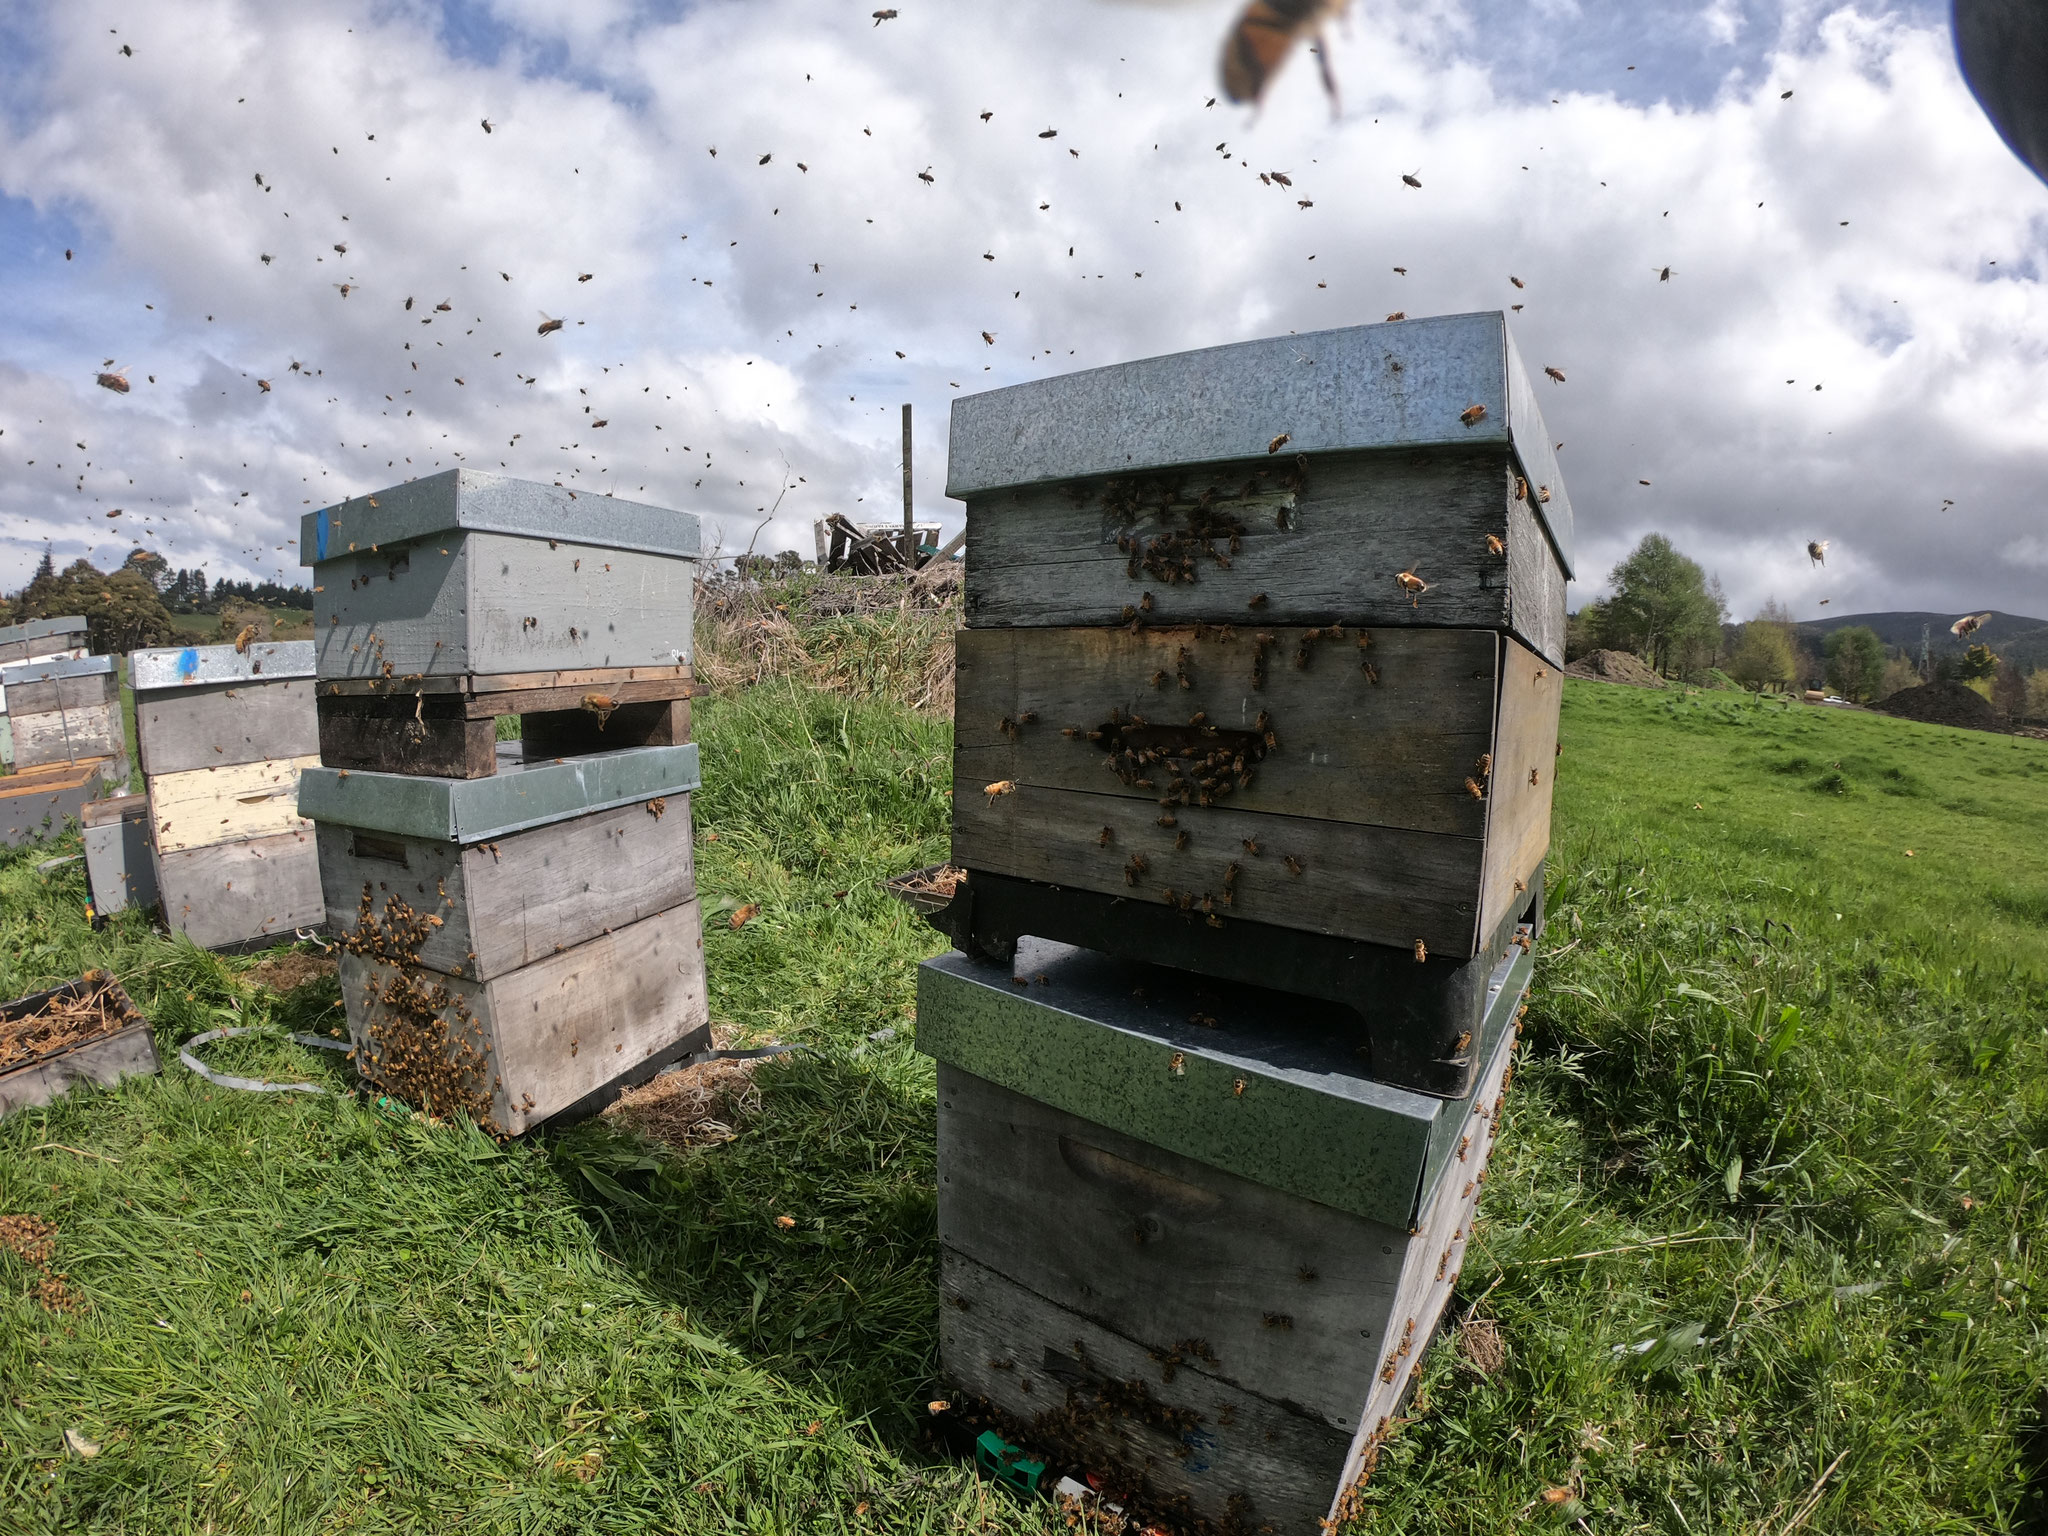 Des abeilles dans tous les sens ! Même dans la combinaison.